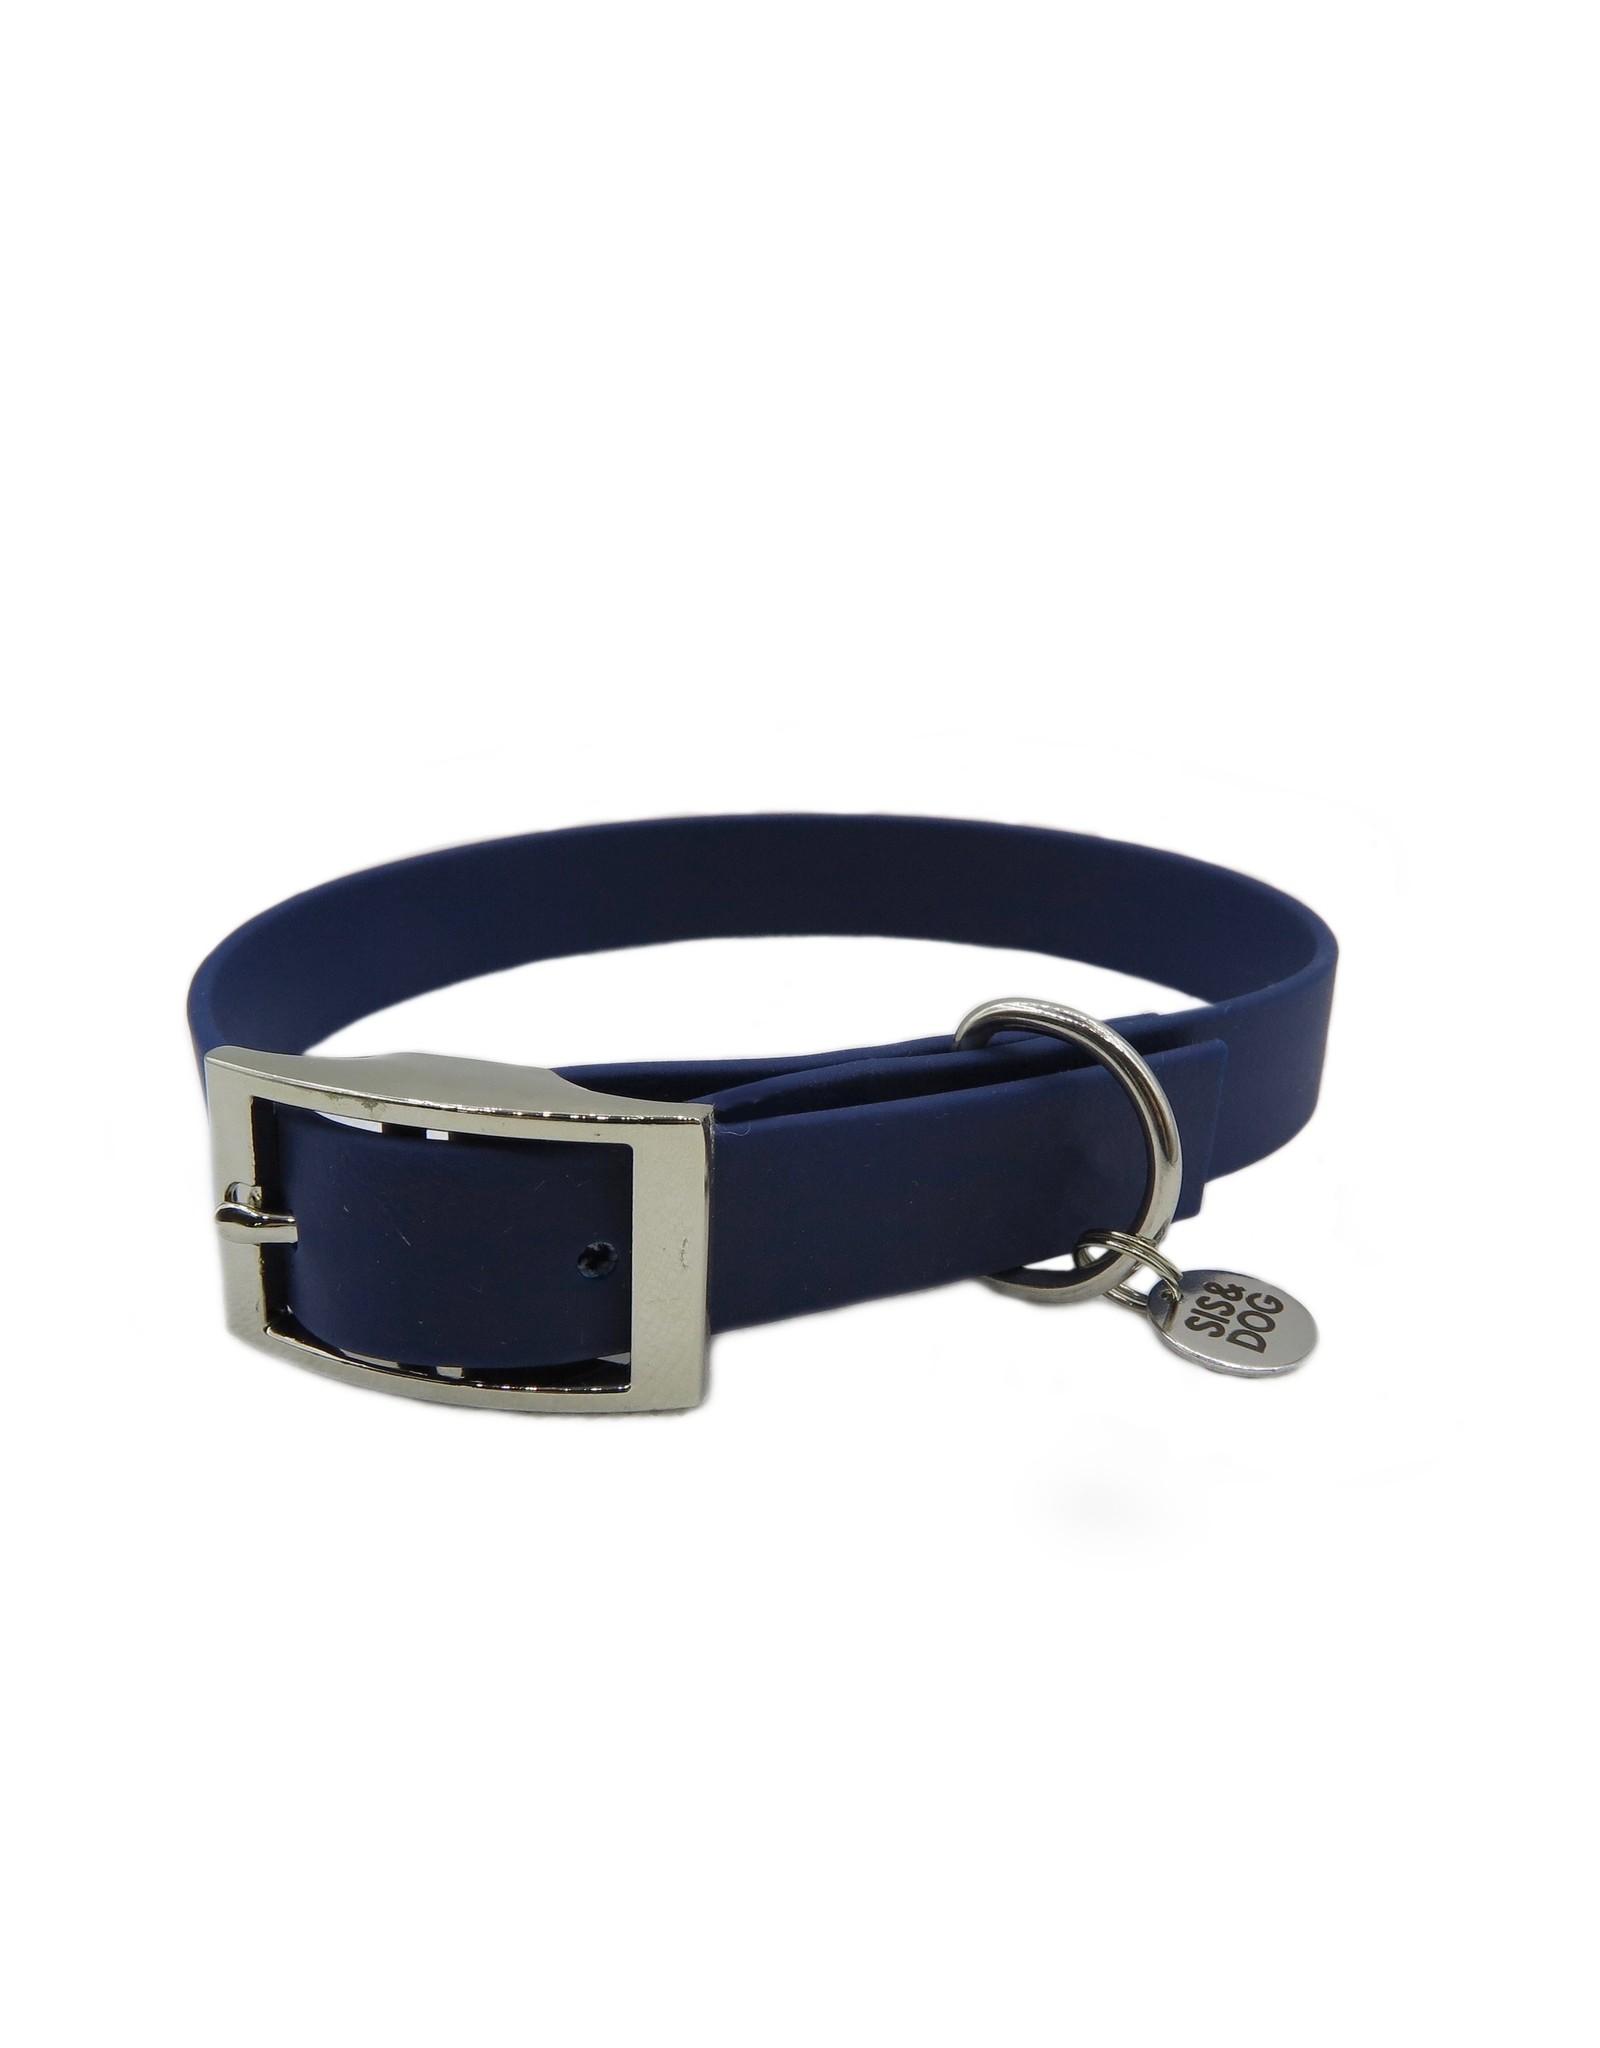 Halsband dark blue breed